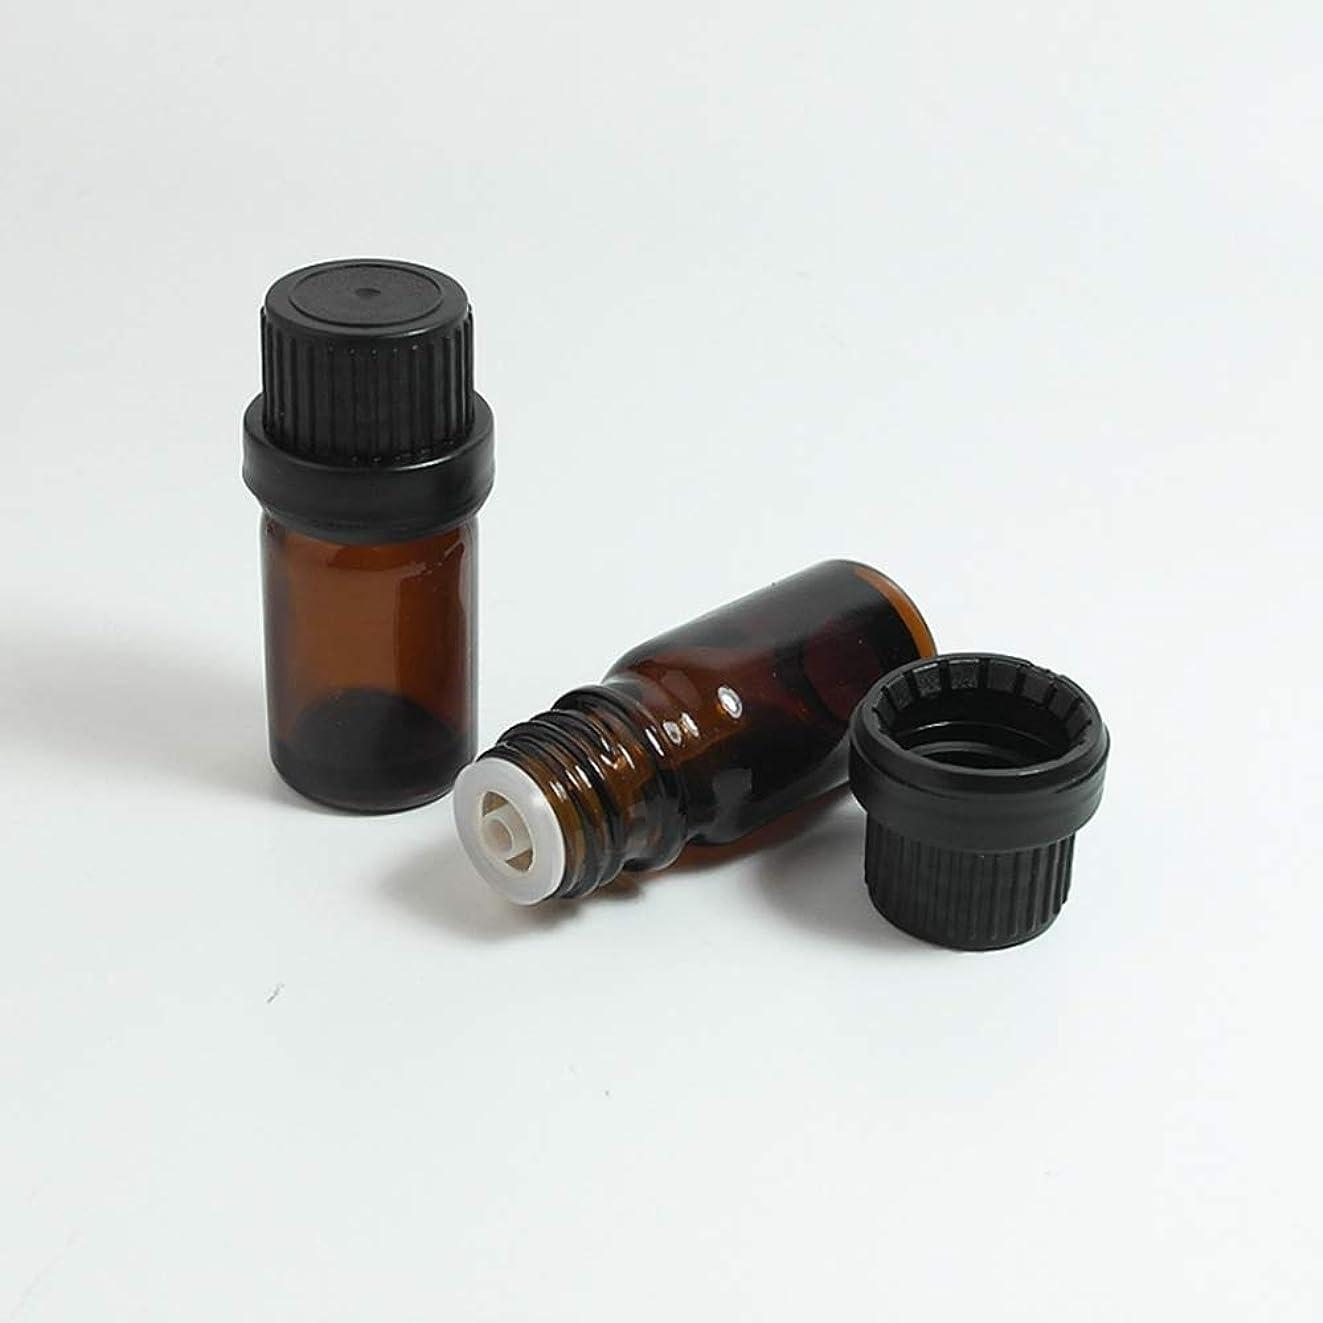 情熱法令また明日ねSimg アロマオイル 精油 遮光瓶 セット ガラス製 エッセンシャルオイル 保存用 保存容器詰め替え 茶色 10ml 5本セット